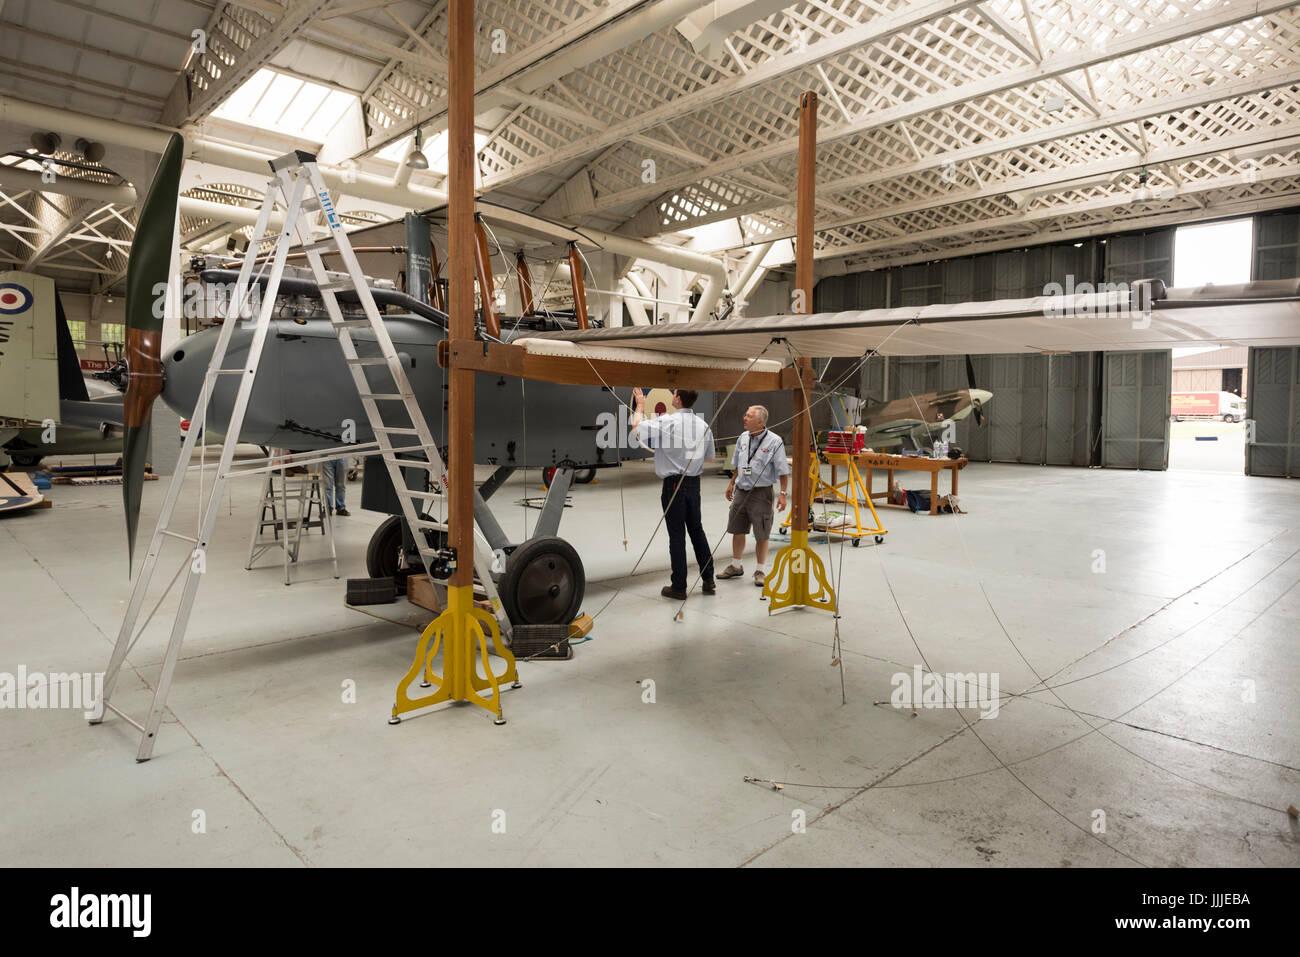 Duxford Cambridgeshire, Großbritannien. 20. Juli 2017. Eine seltene erste Weltkrieg De Havilland DH9 Bomber Flugzeug wurde vollständig restauriert und ist nun für die Anzeige und Flug im Imperial War Museum montiert wird. Das Flugzeug ist 100 Jahre alt, am 100. Jahrestag des Imperial War Museum in einem WW1-Bügel montiert. Das Flugzeug ist das einzige in Großbritannien und restauriert wurde, nachdem er in einen Elefanten stabil am Palast von Bikaner, Rajasthan, Indien gefunden. Bildnachweis: Julian Eales/Alamy Live-Nachrichten Stockfoto